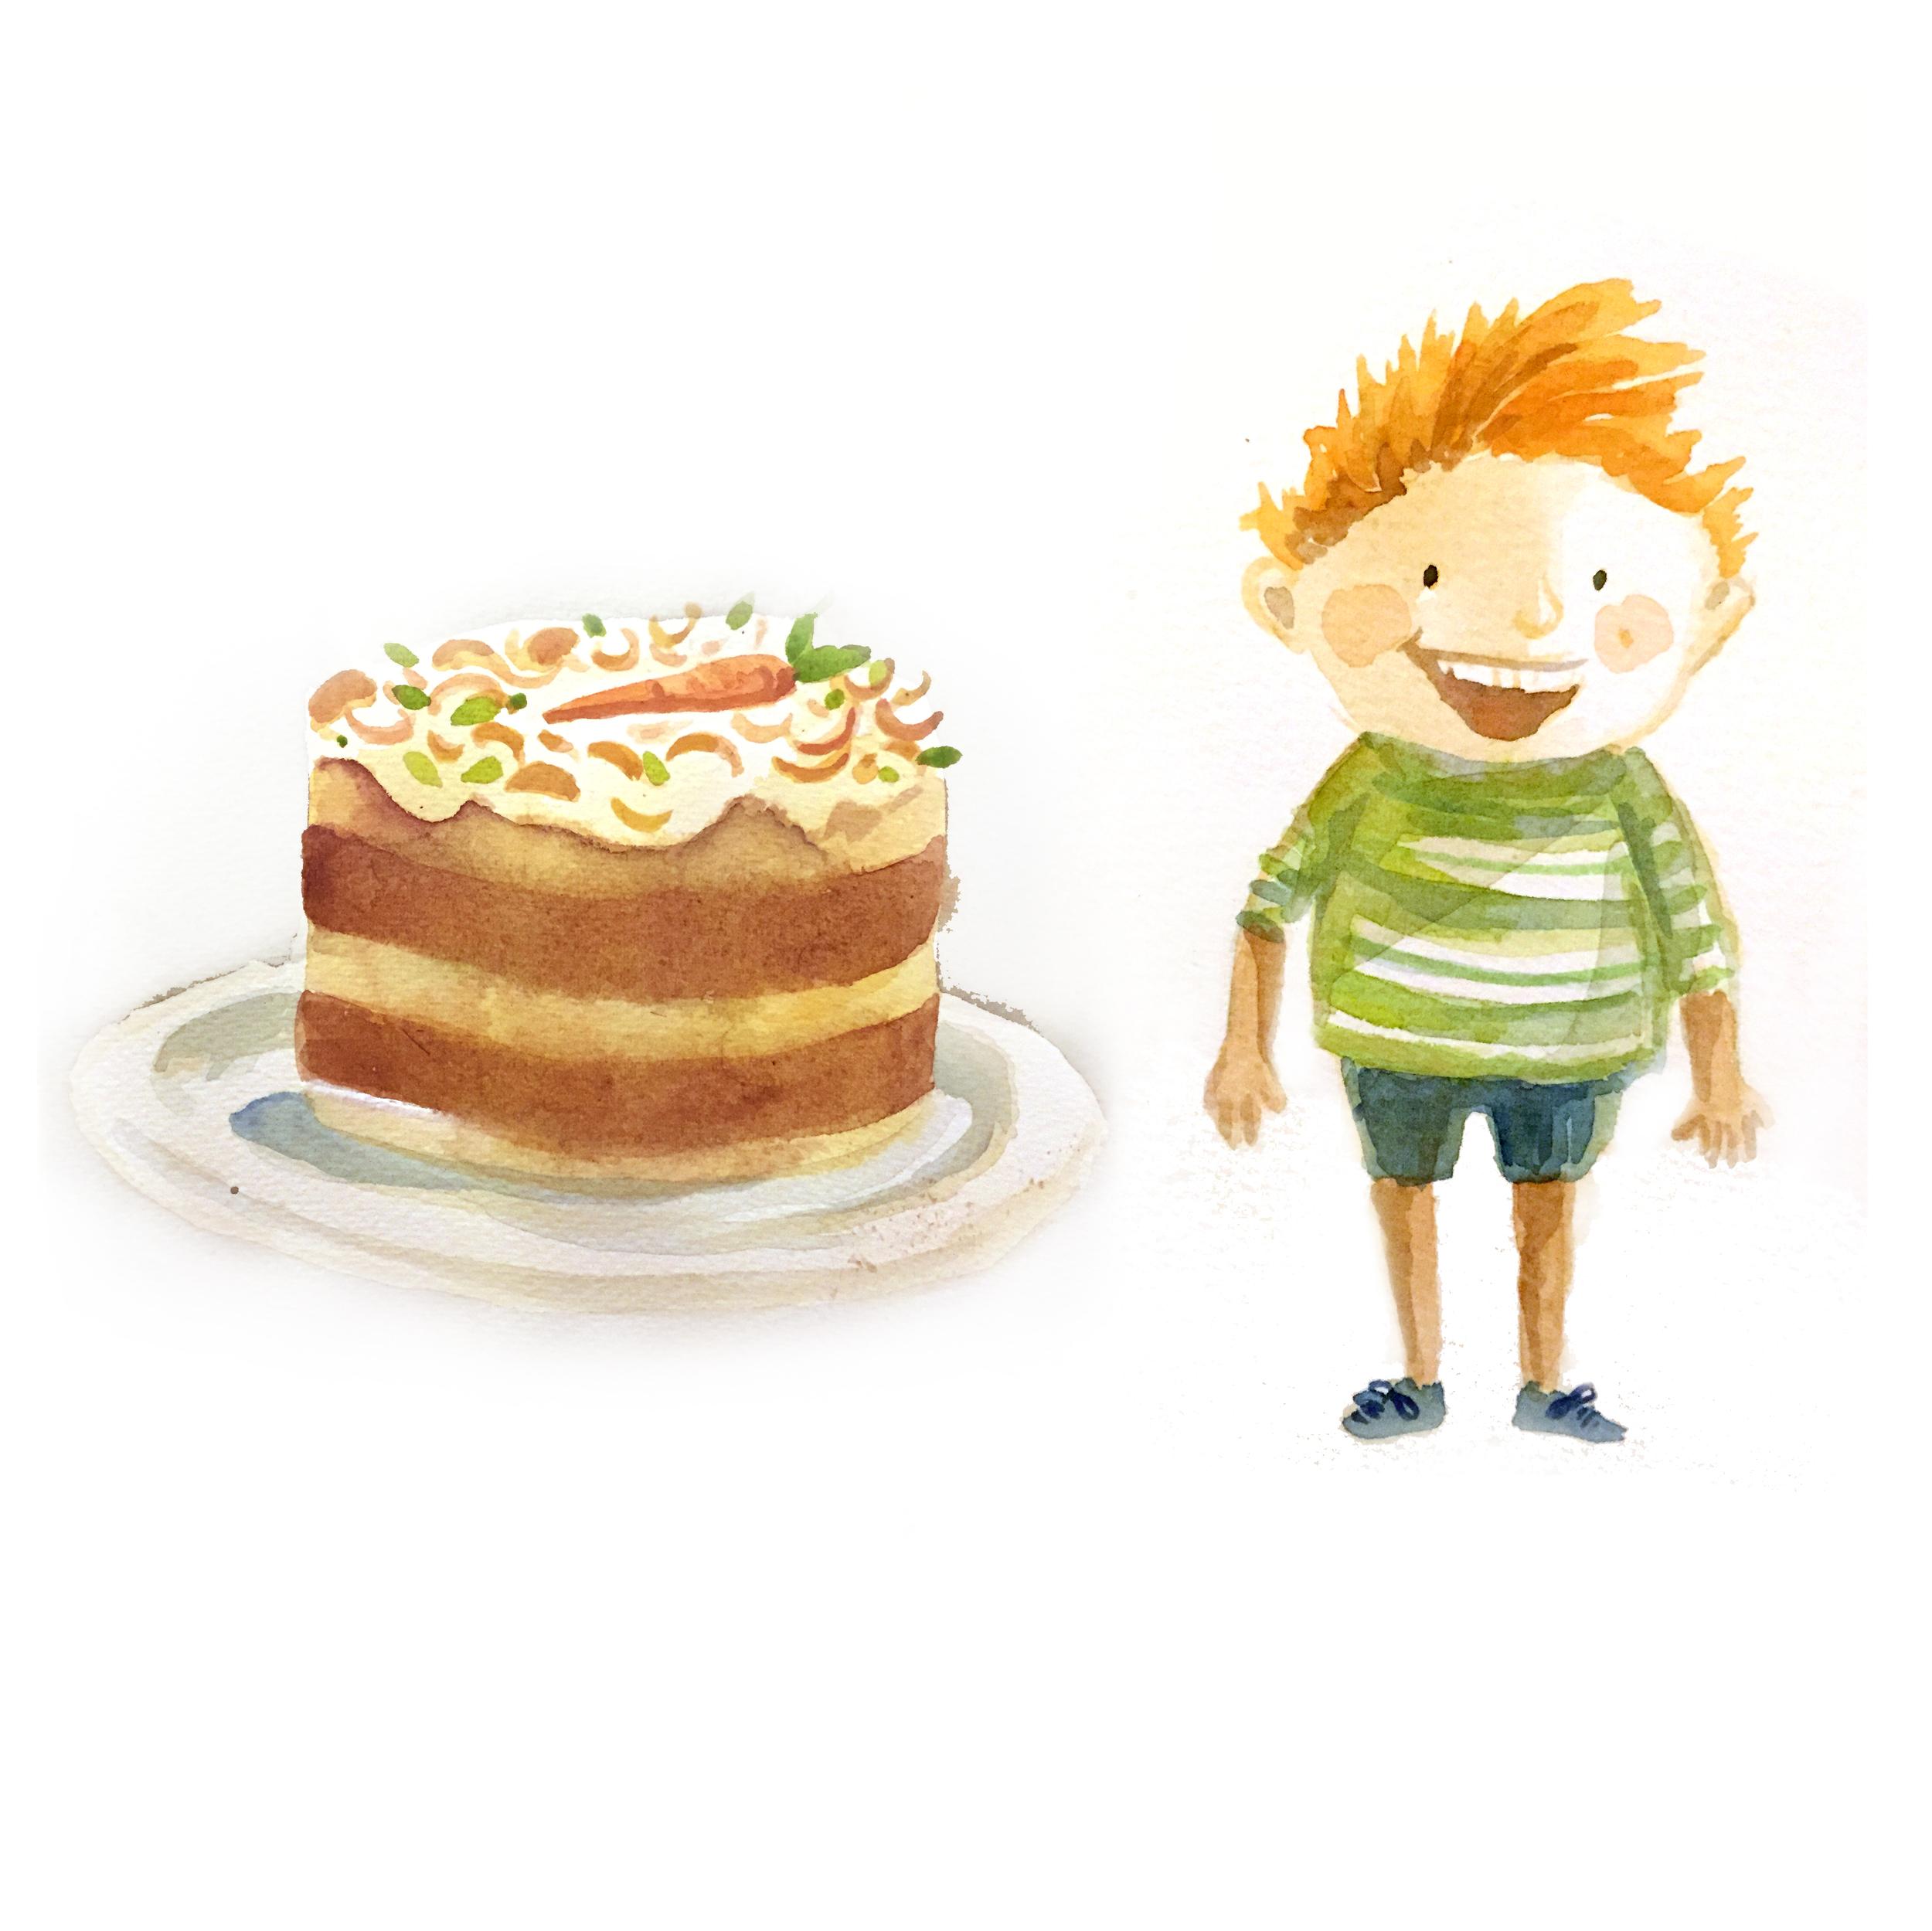 05_carrot_cake_Square.jpg